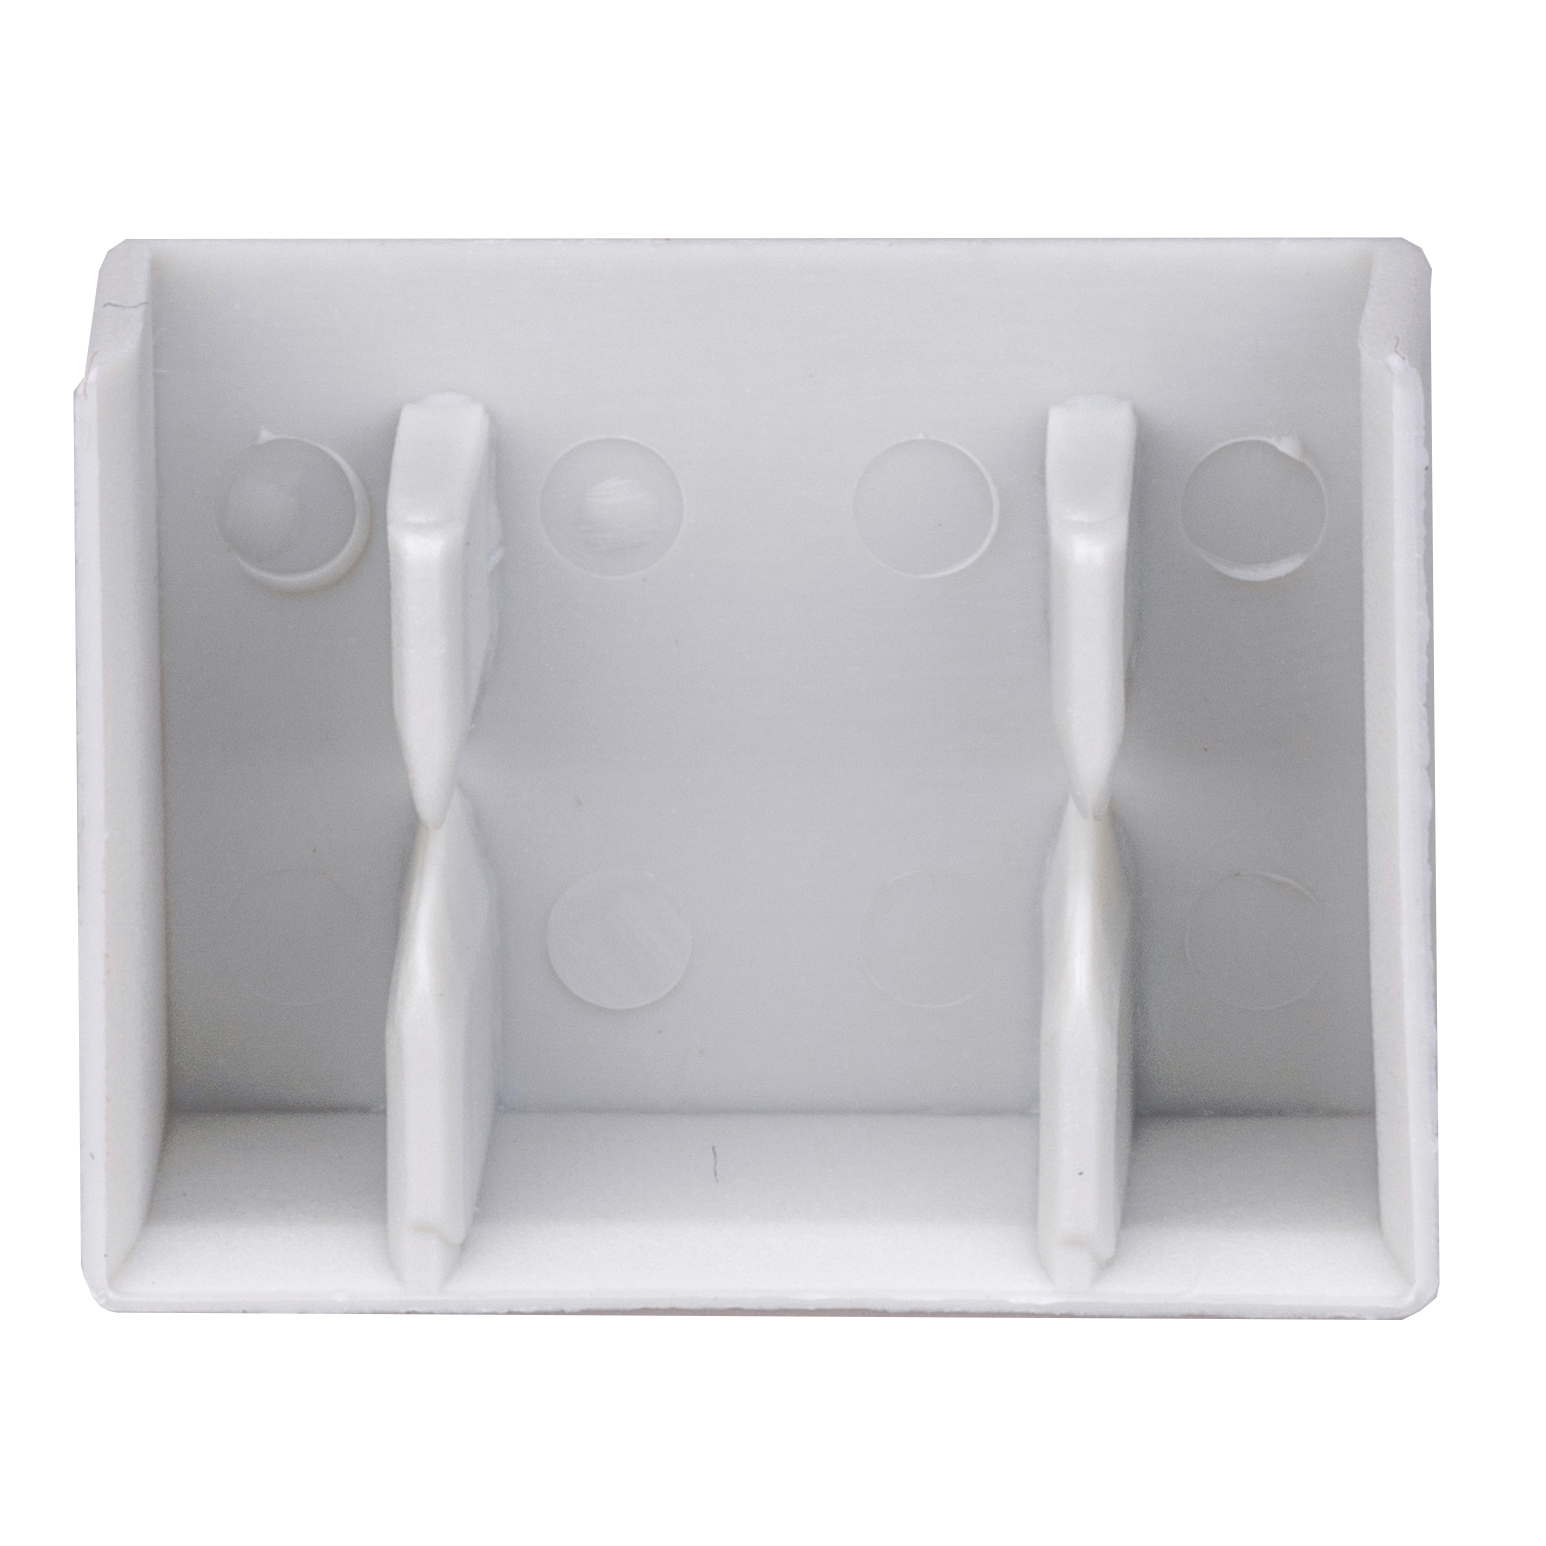 1 Stk Endplatte für 4-polige Verschienungen BS900117--